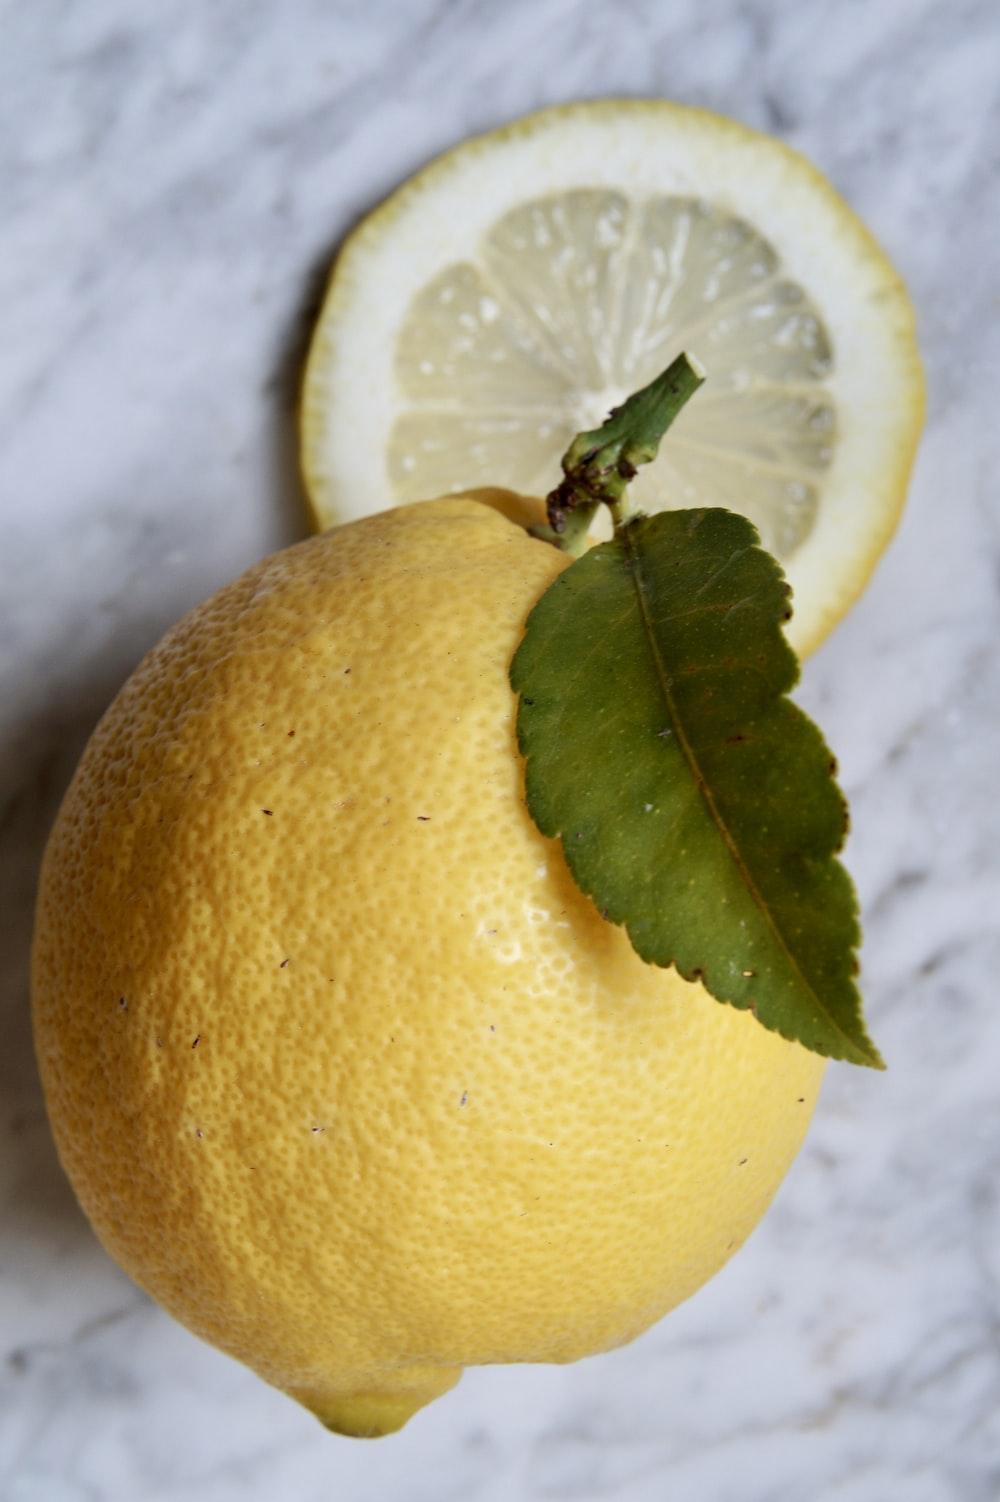 yellow lemon fruit on white textile